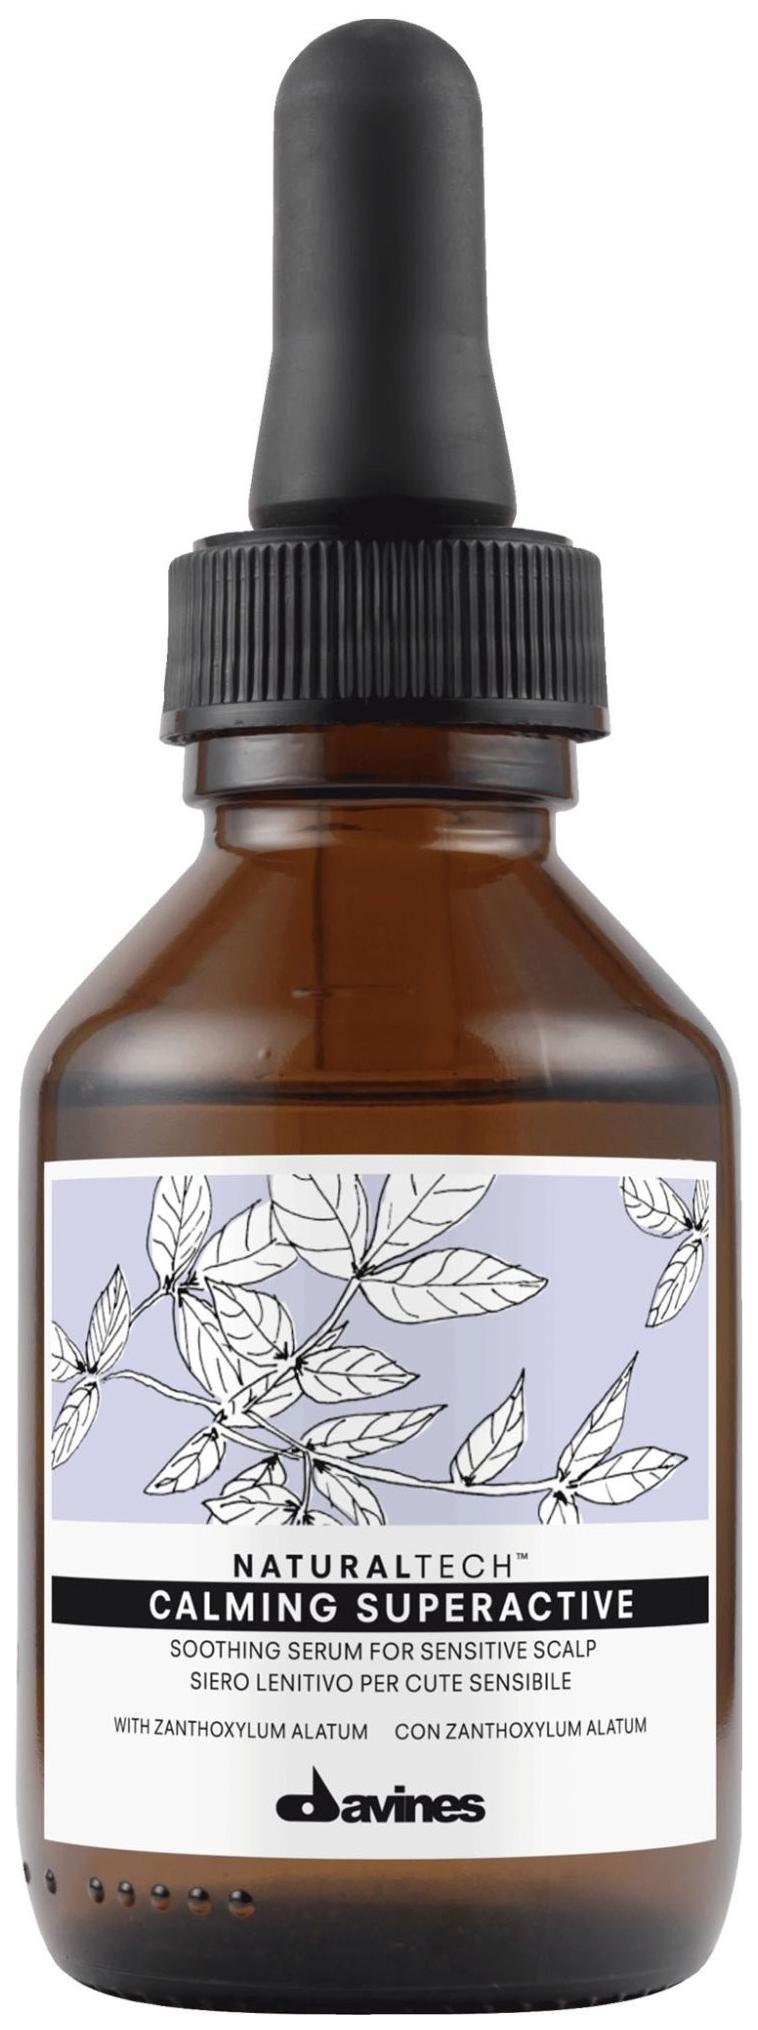 Купить Сыворотка для волос Davines Natural Tech Calming Superactive Soothing Serum 100 мл